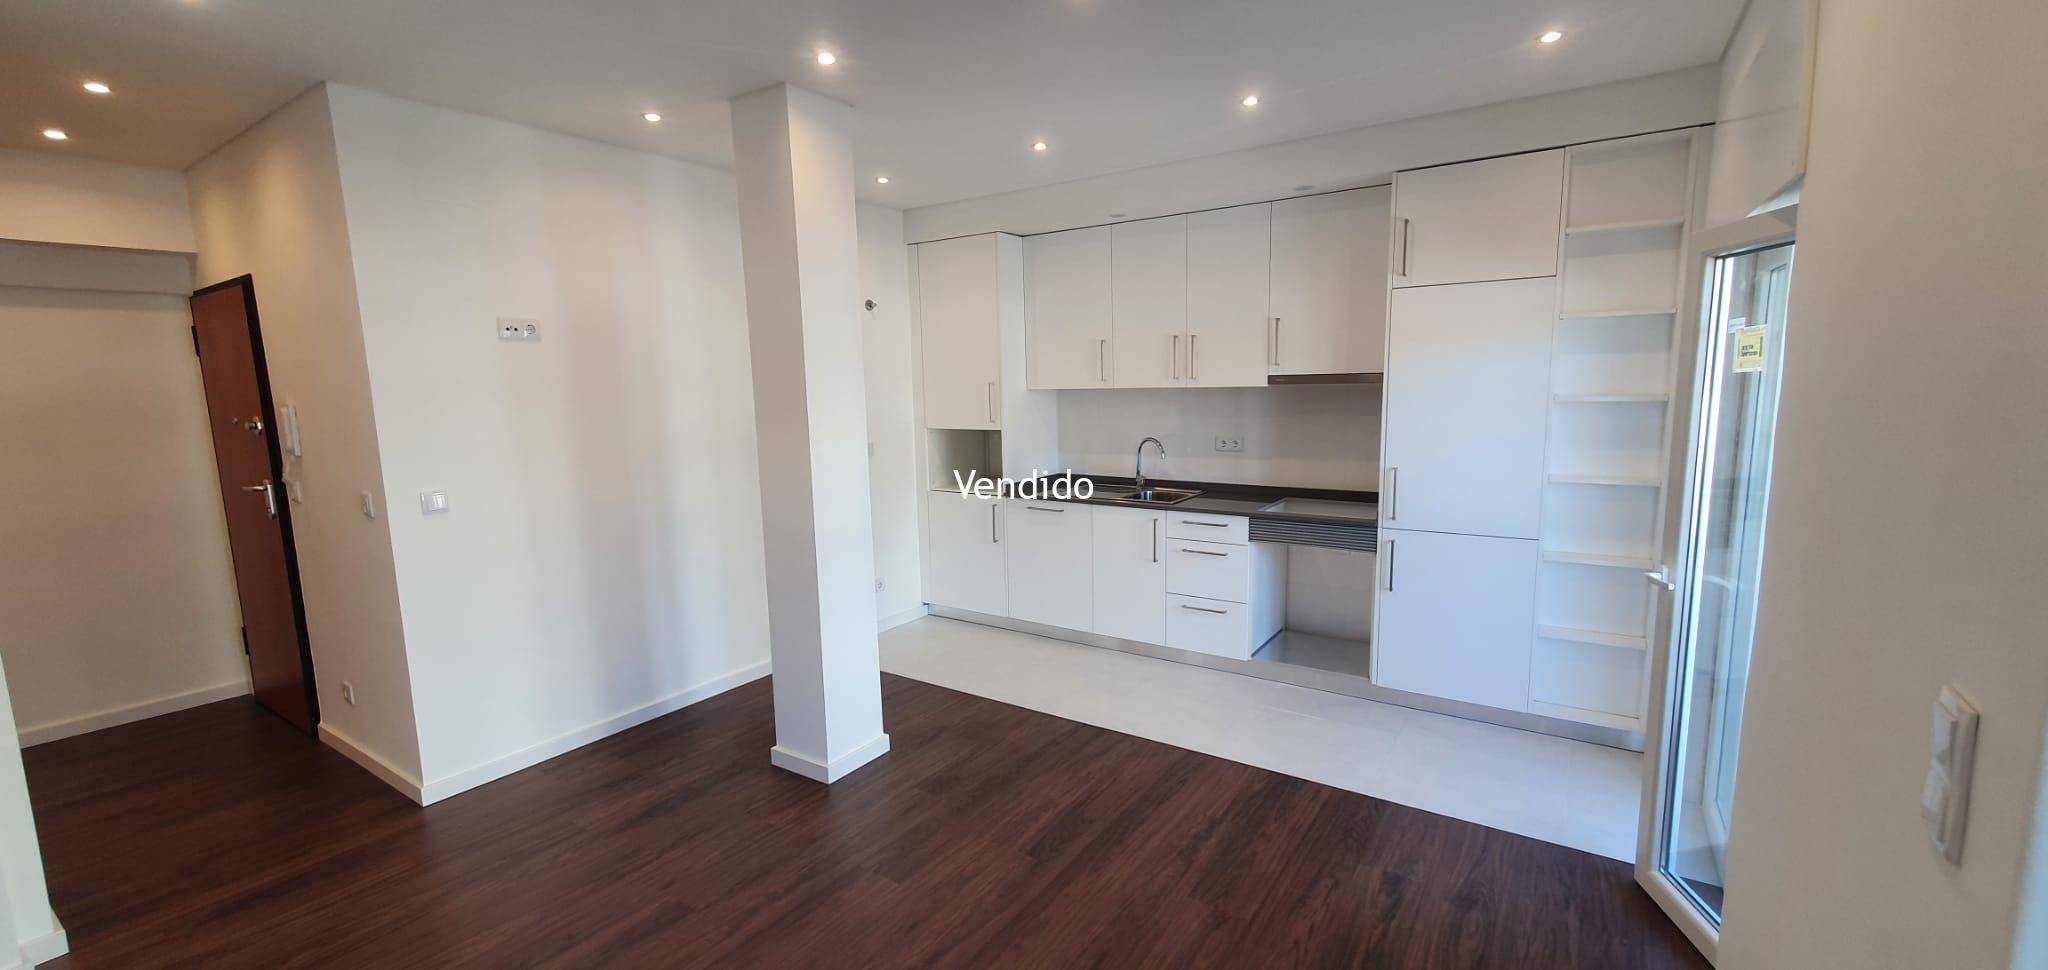 Apartamento T2 Renovado com Elevador, 2 Varandas e Arrecadação no Lumiar – Lisboa